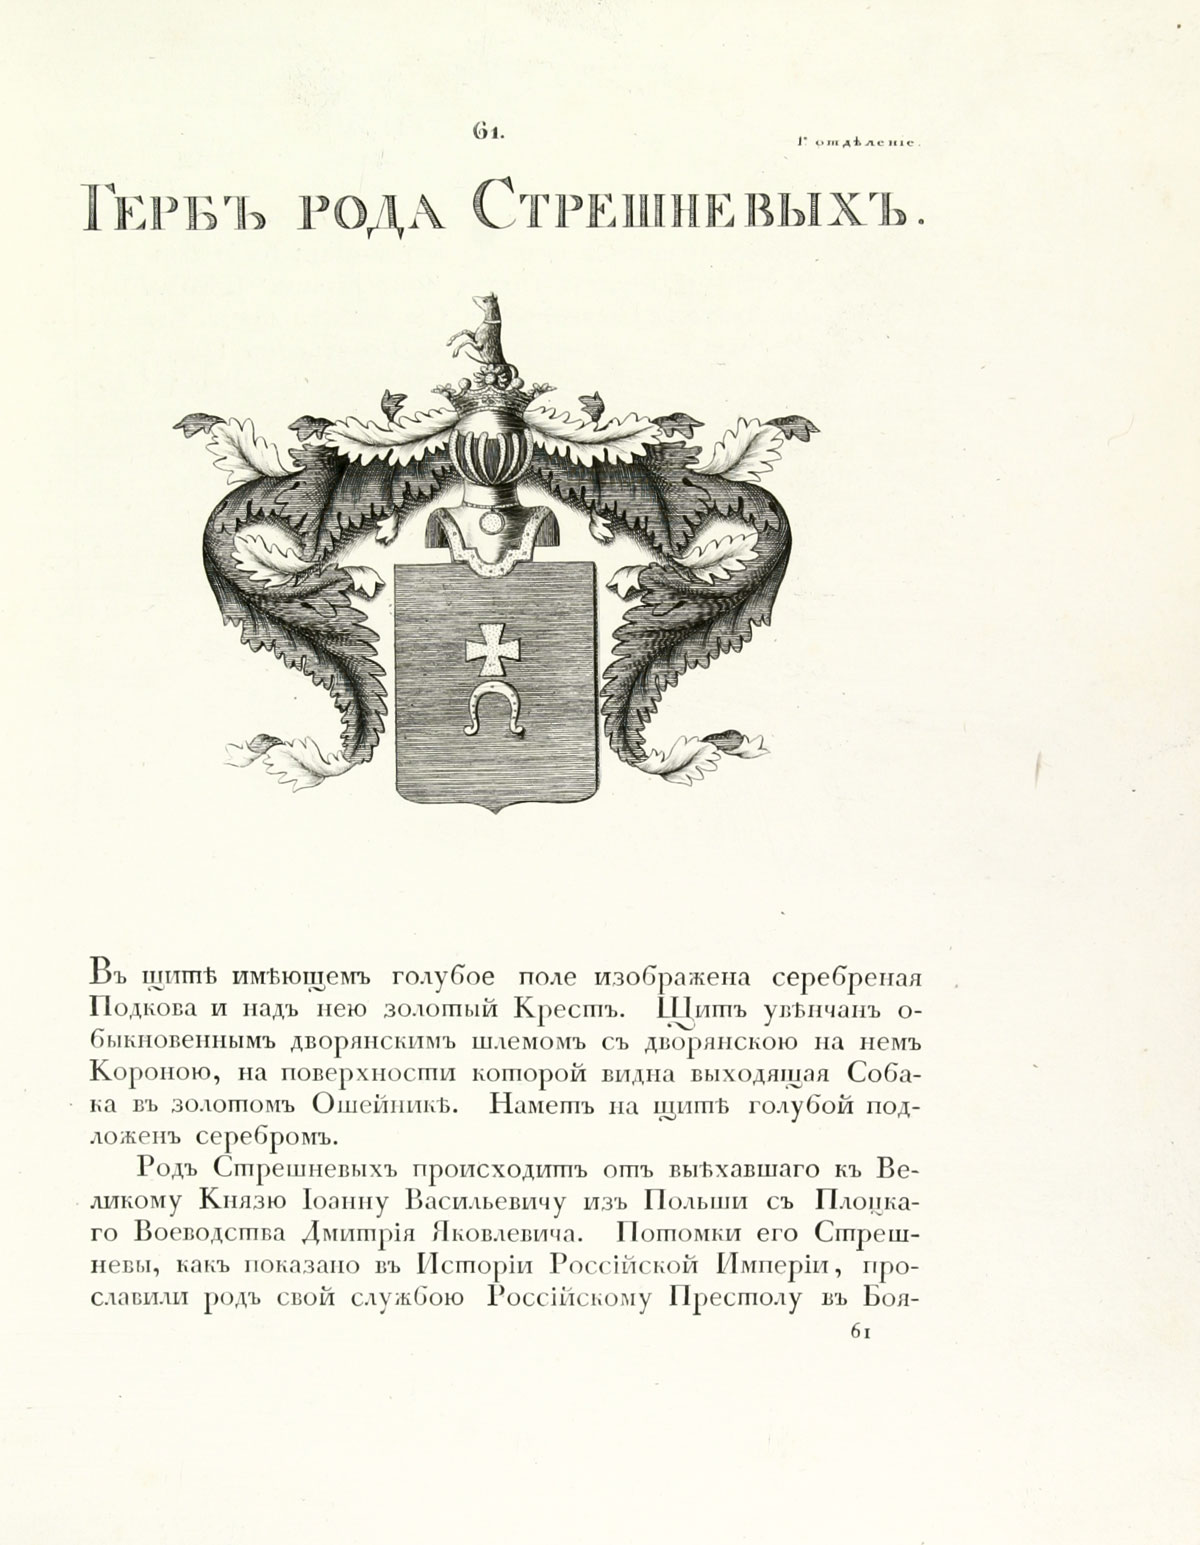 Герб рода Стрешневых, стр. 1